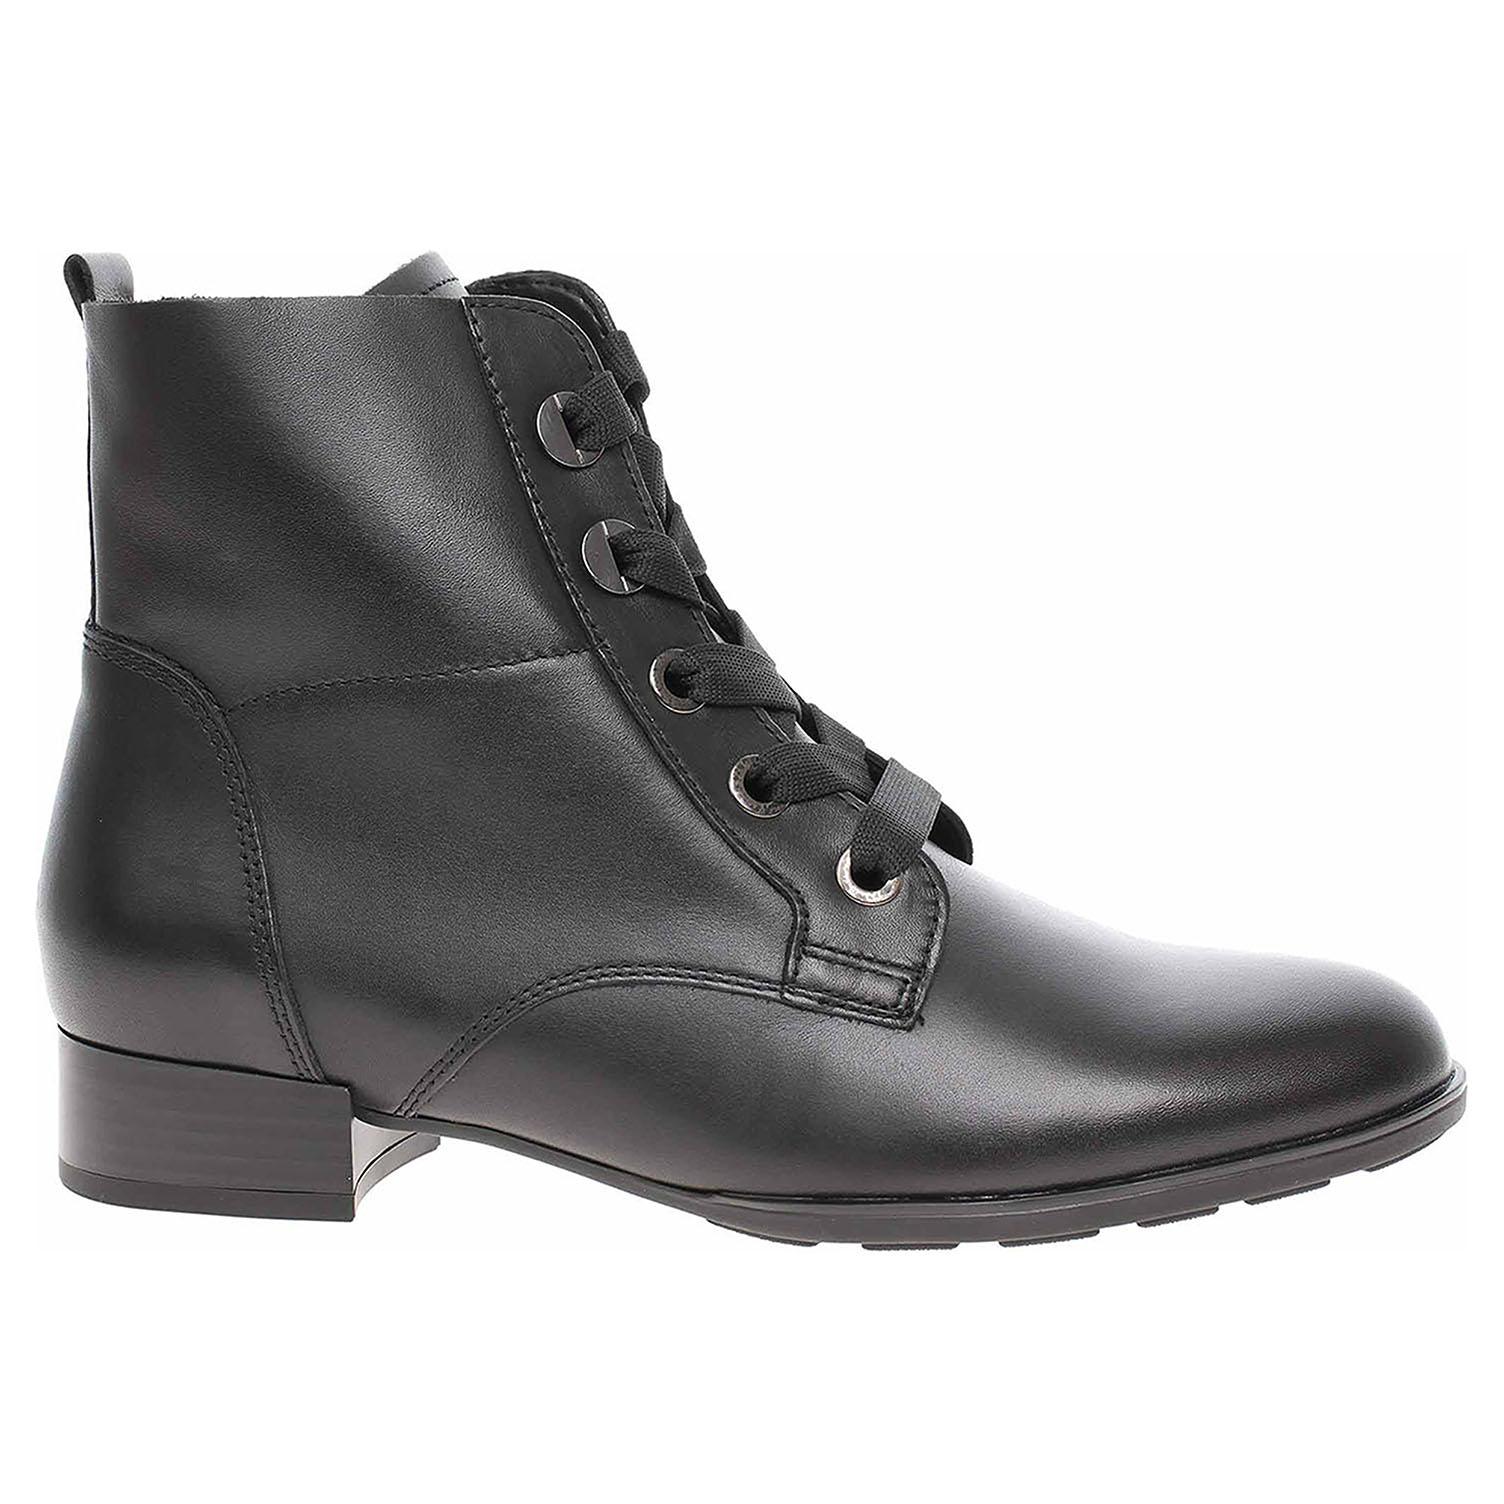 Dámská kotníková obuv Gabor 55.502.27 schwarz 55.502.27 37